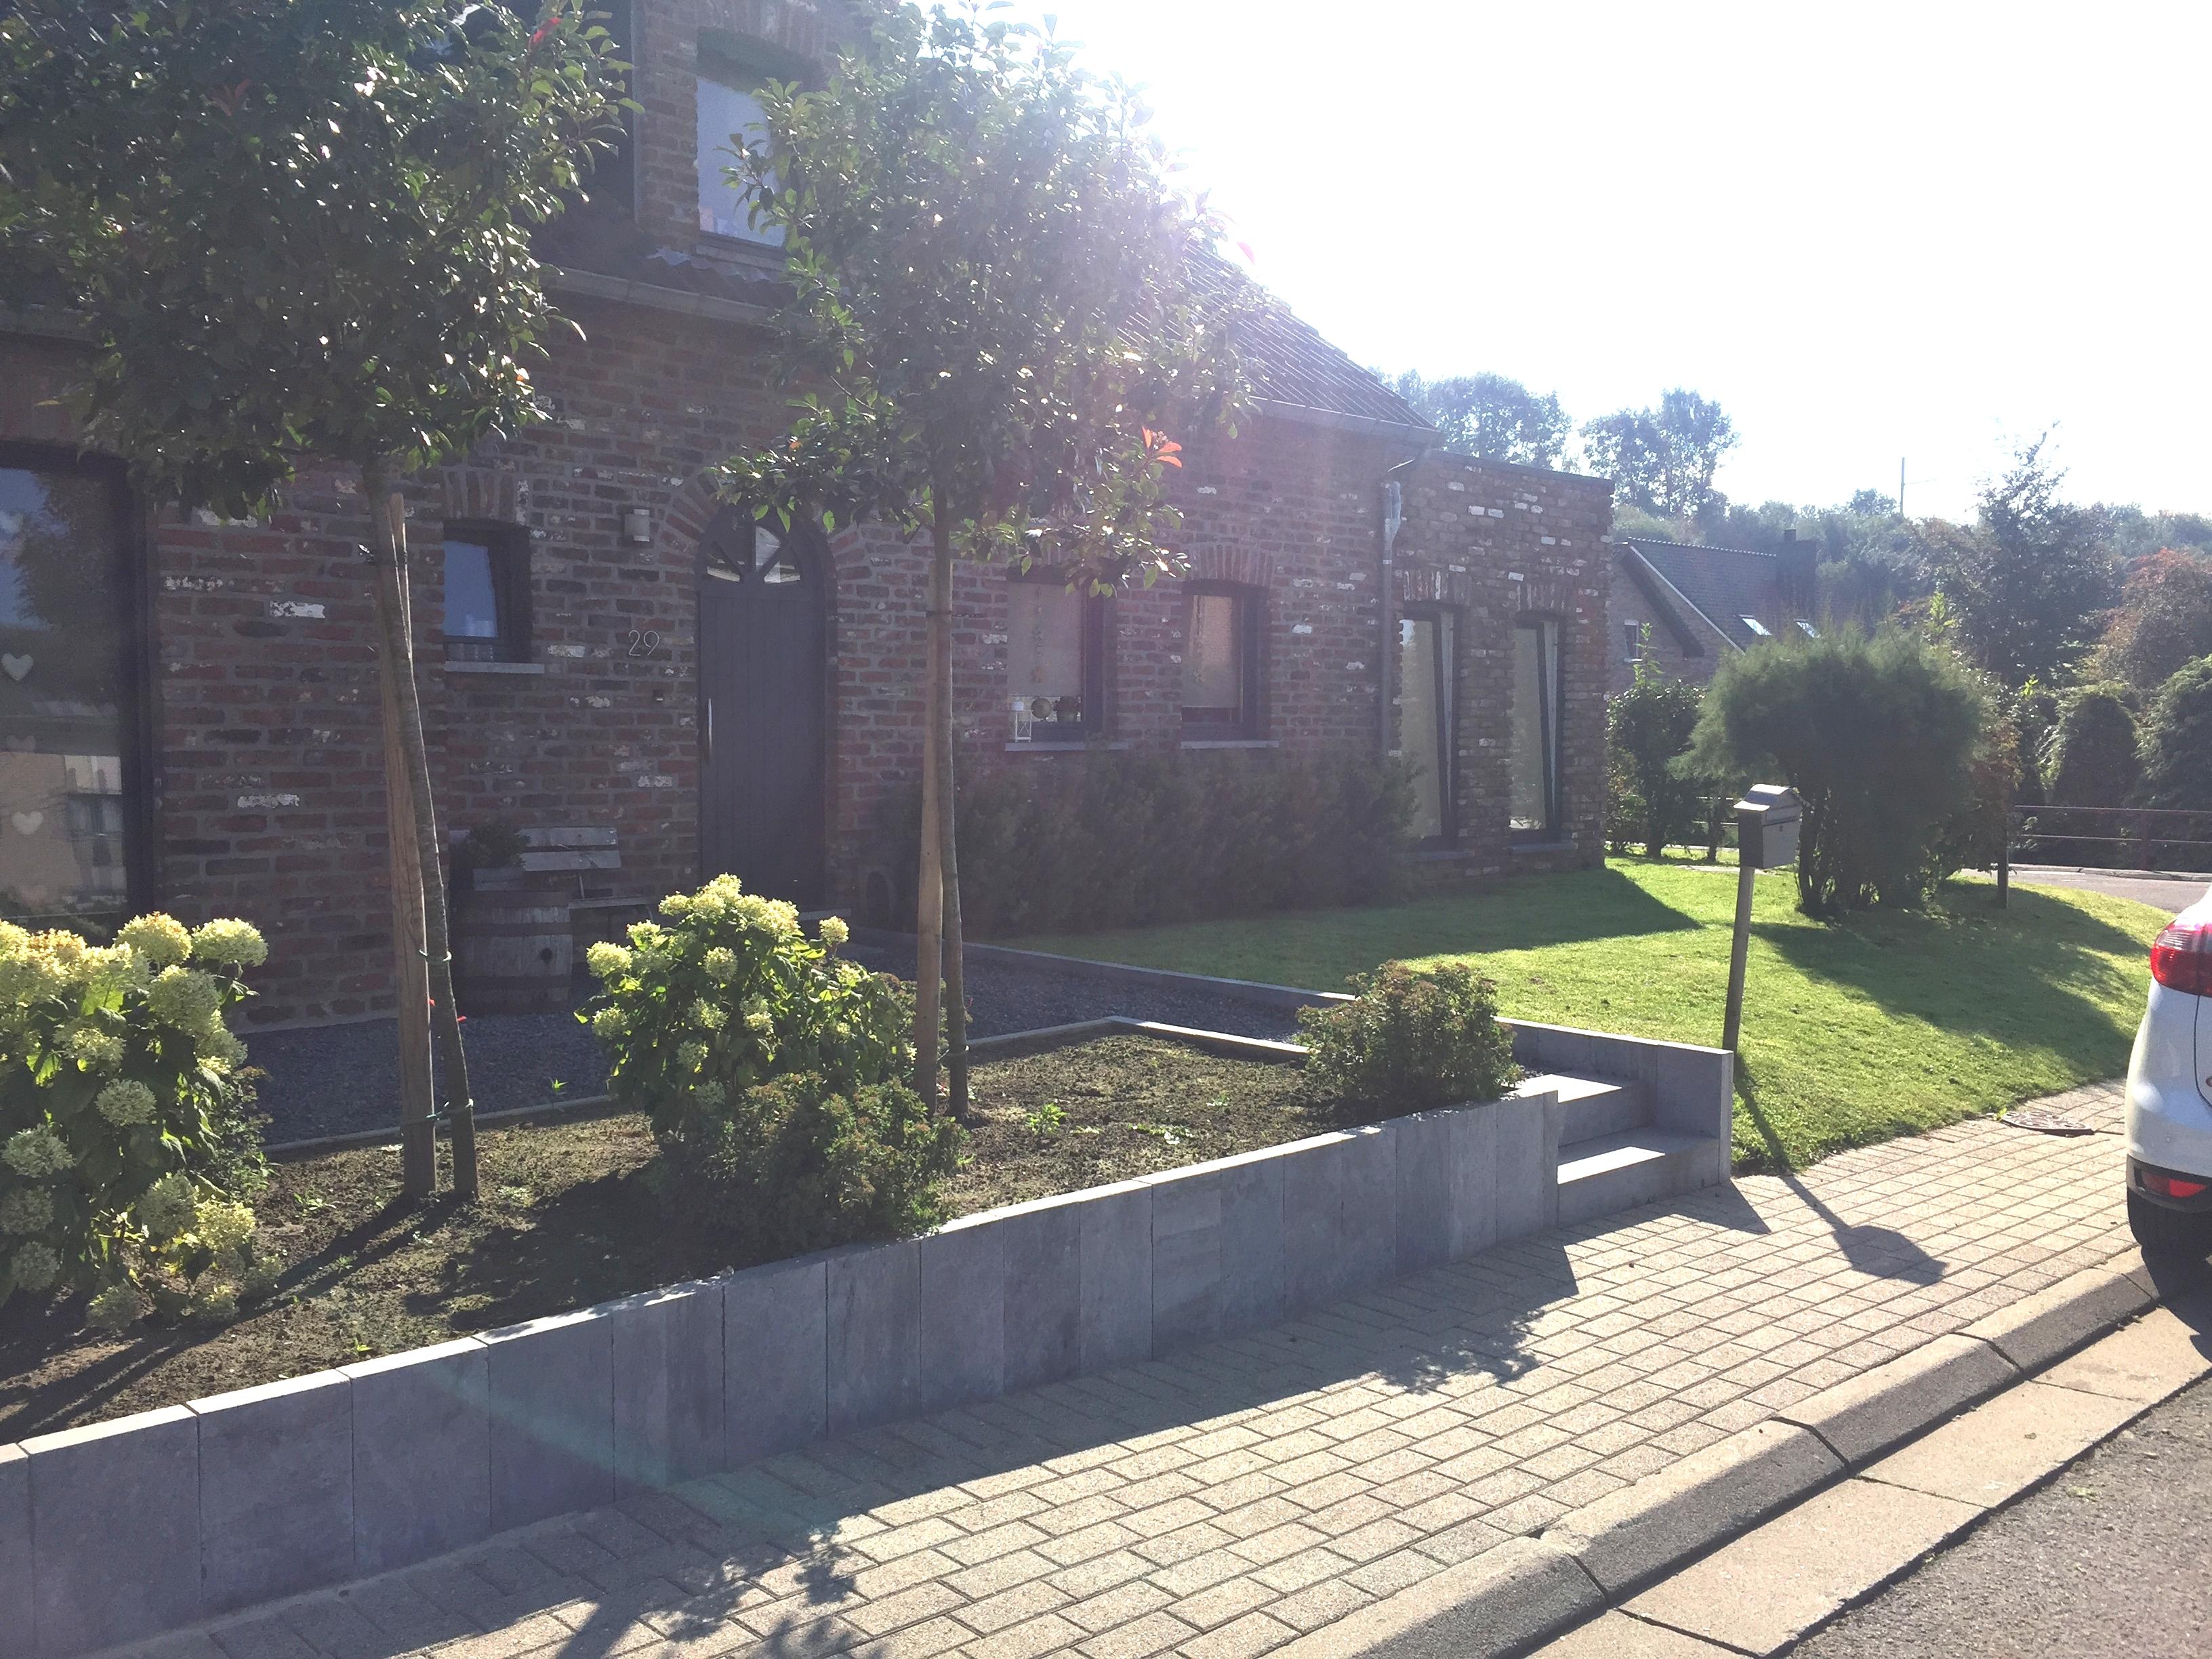 Agrandissement d'une habitation à Montzen